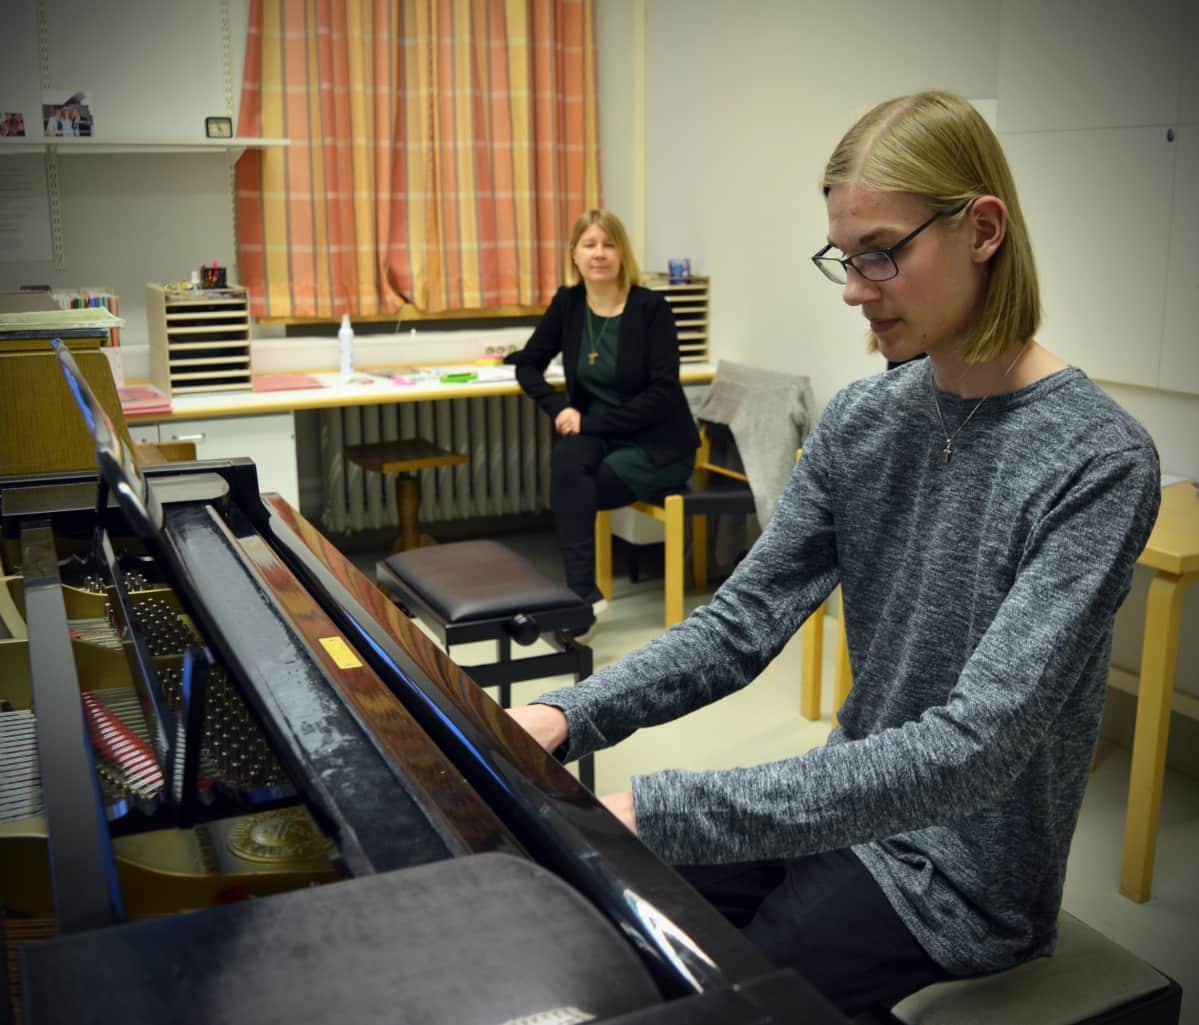 15-vuotias seinäjokelainen Lauri Mäki-Kojola on yksi lasten ja nuorten Uuno Klami -sävellyskilpailun finalisteista.